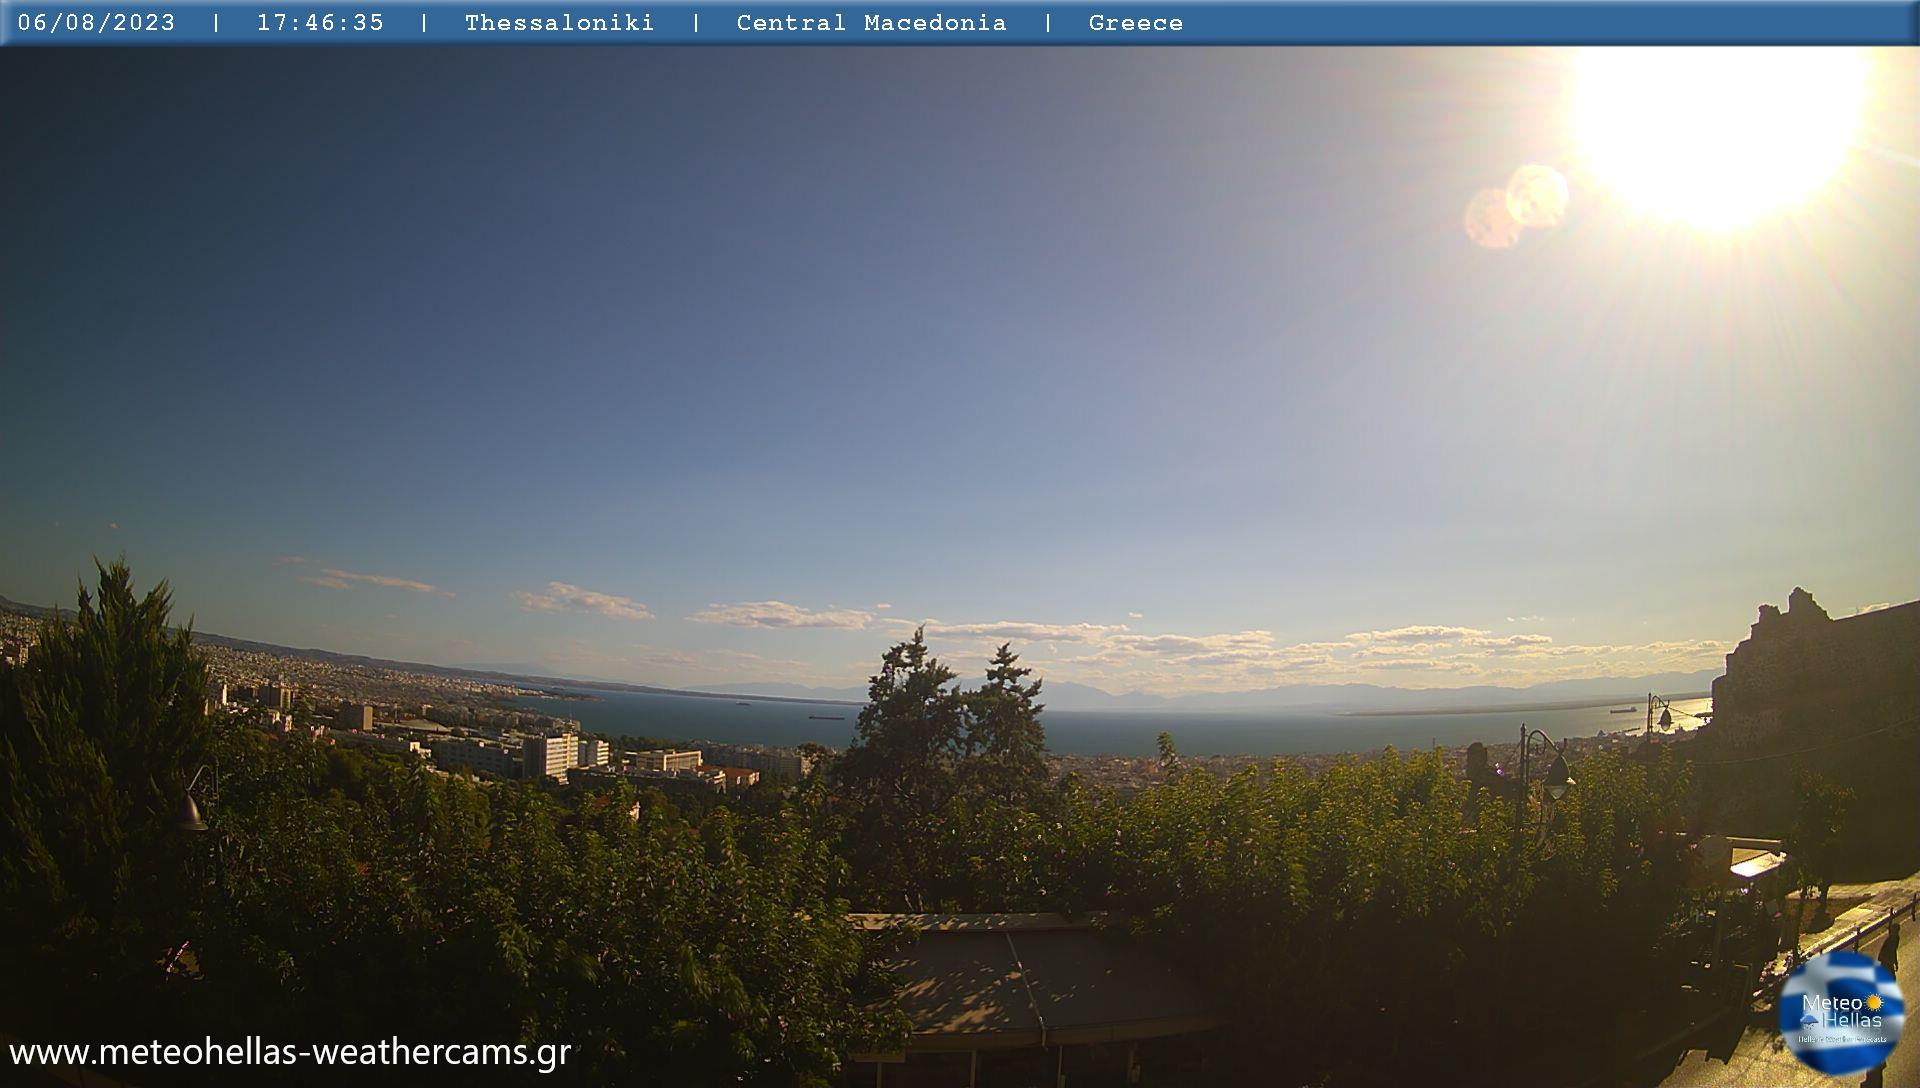 Webcam Θεσσαλονίκη - Πολίχνη